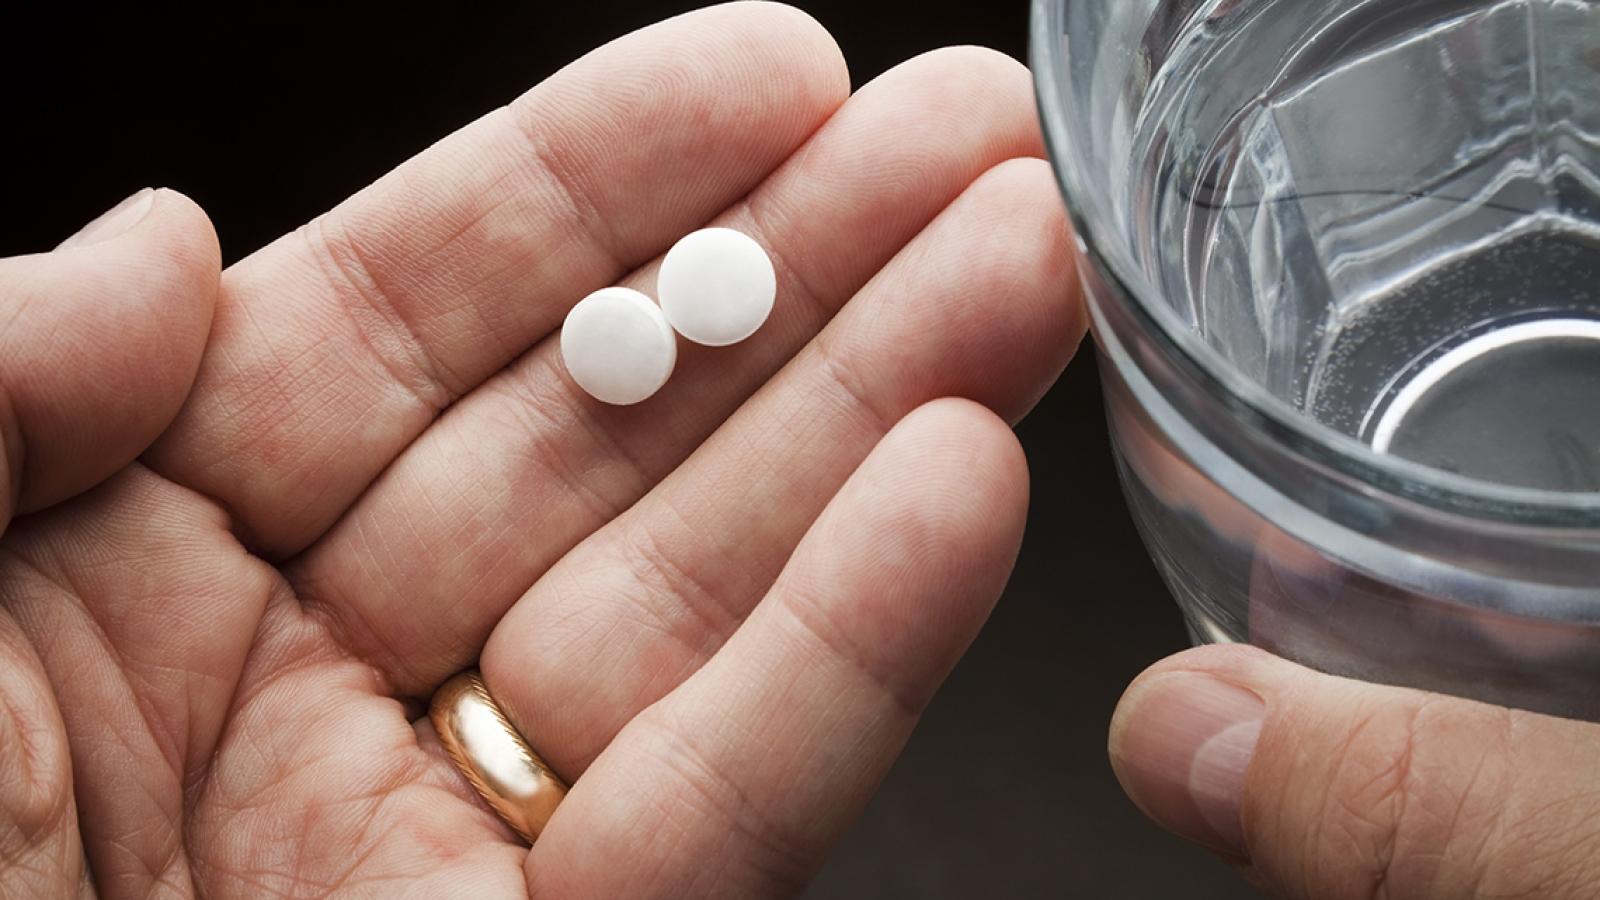 Mỹ phát triển vaccine ngừa Covid-19 dạng uống, dễ bảo quản